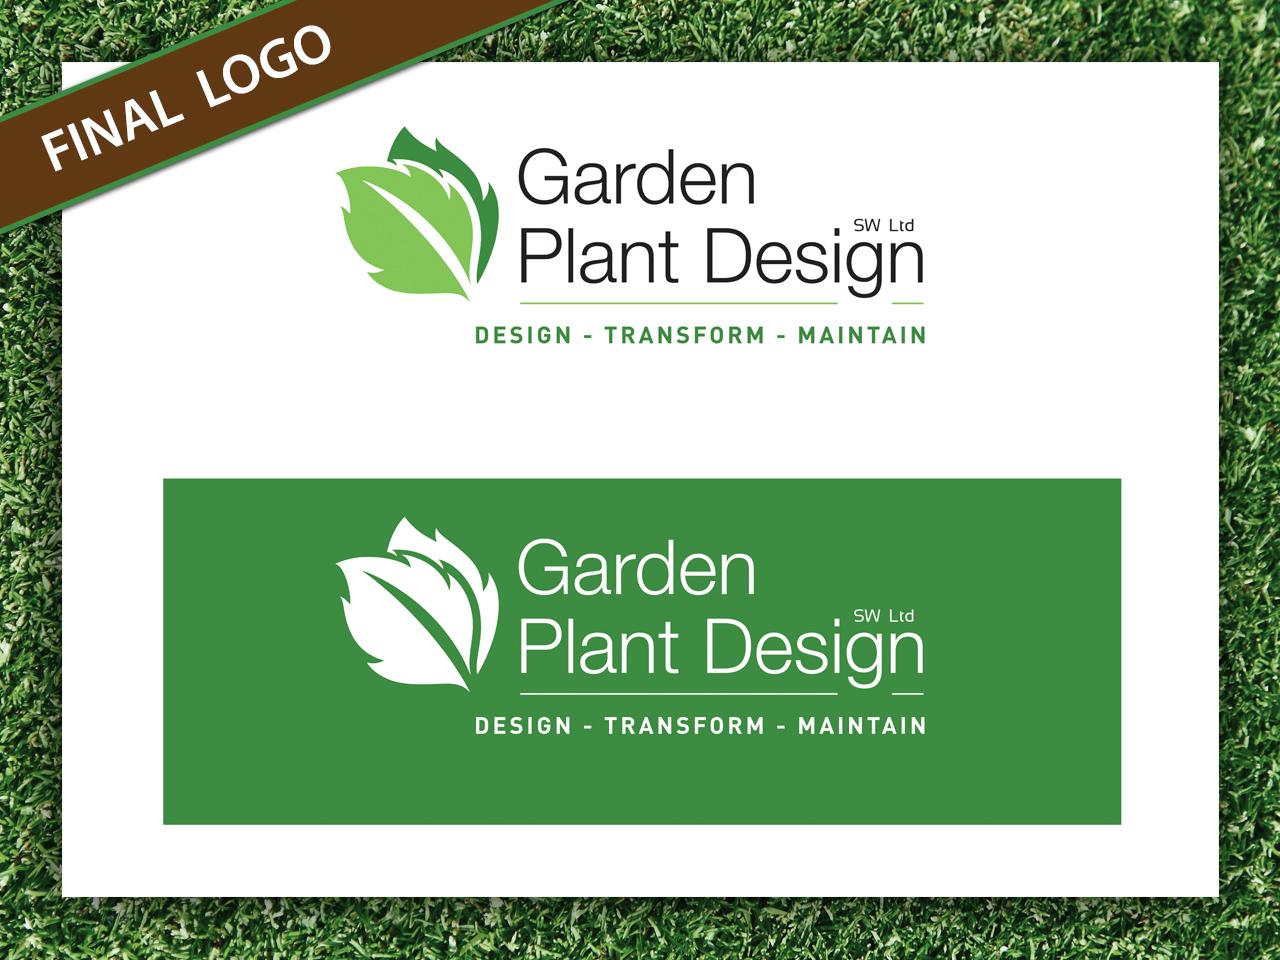 Garden Plant Design - Final Logo Design